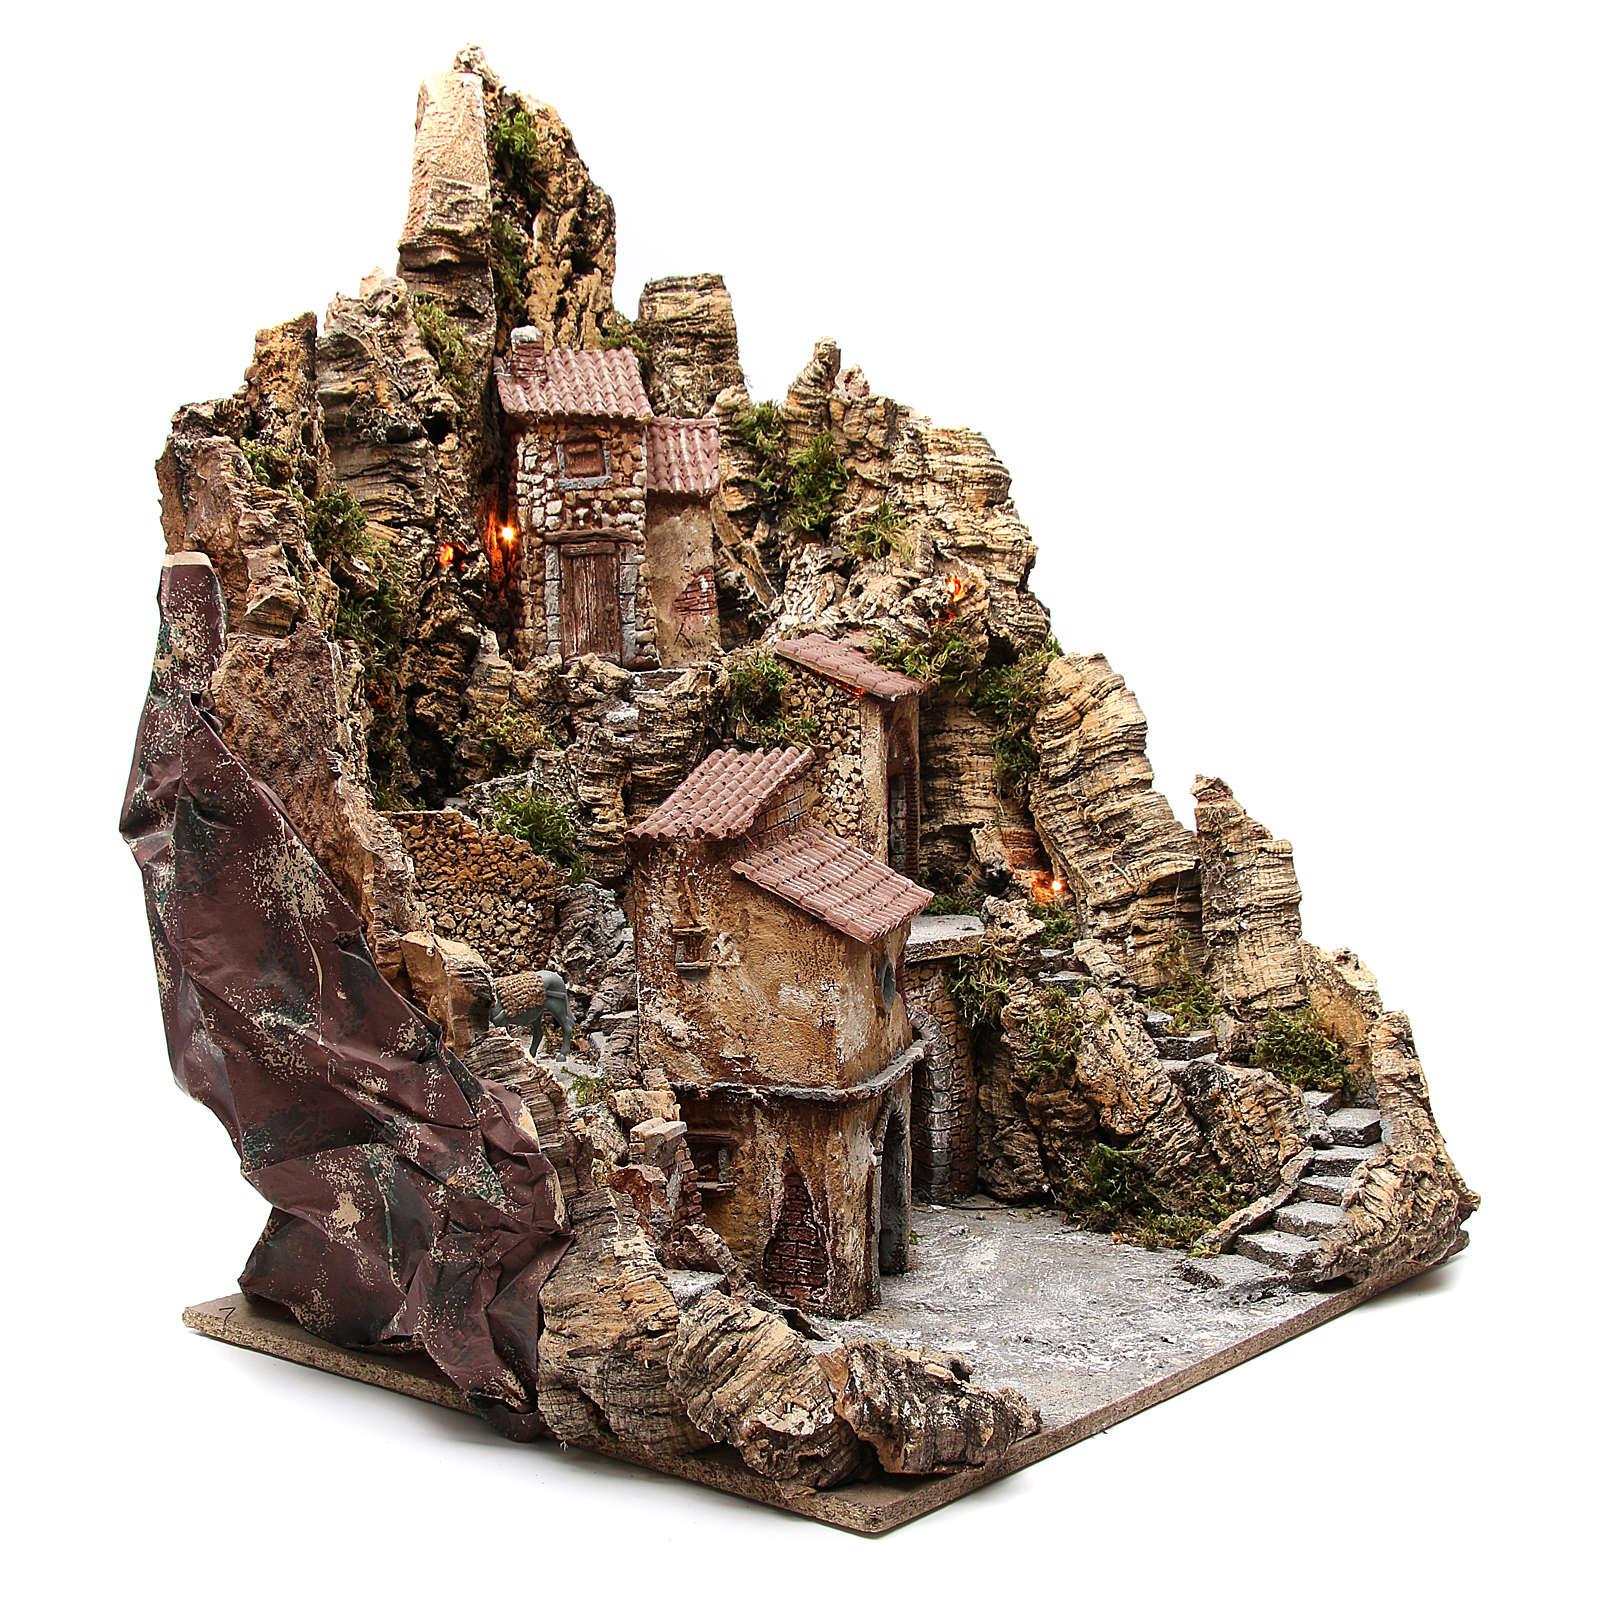 Pueblo para belén iluminado con cabaña, río y horno 80x62x58 cm 4